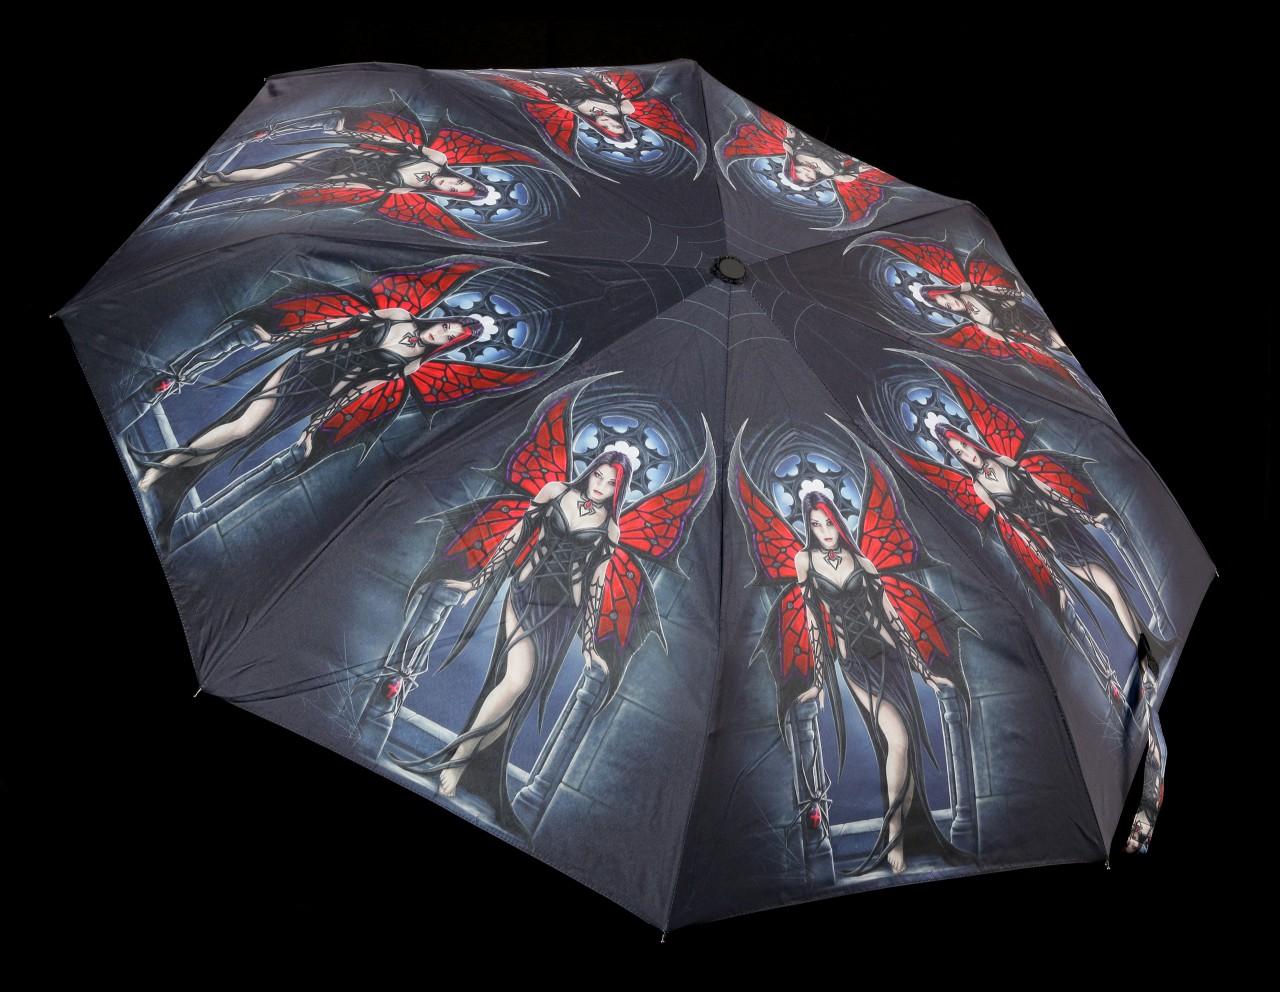 Umbrella with Fairy - Aracnafaria